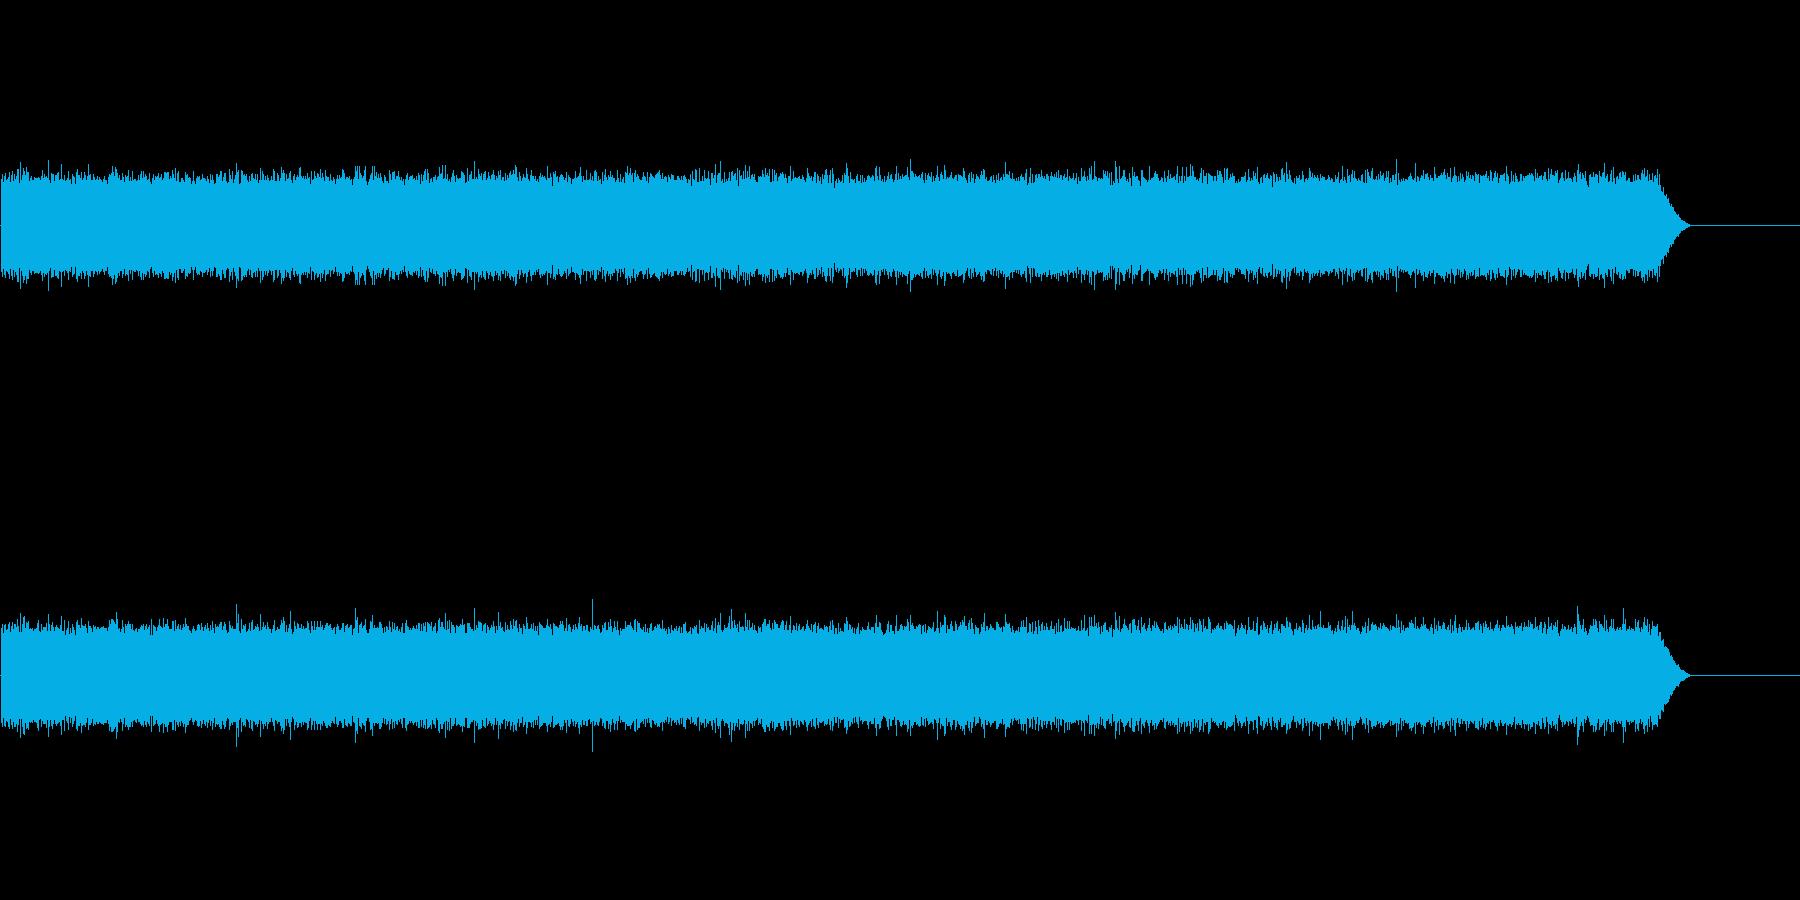 シンセと録音素材で制作した雨の音の再生済みの波形